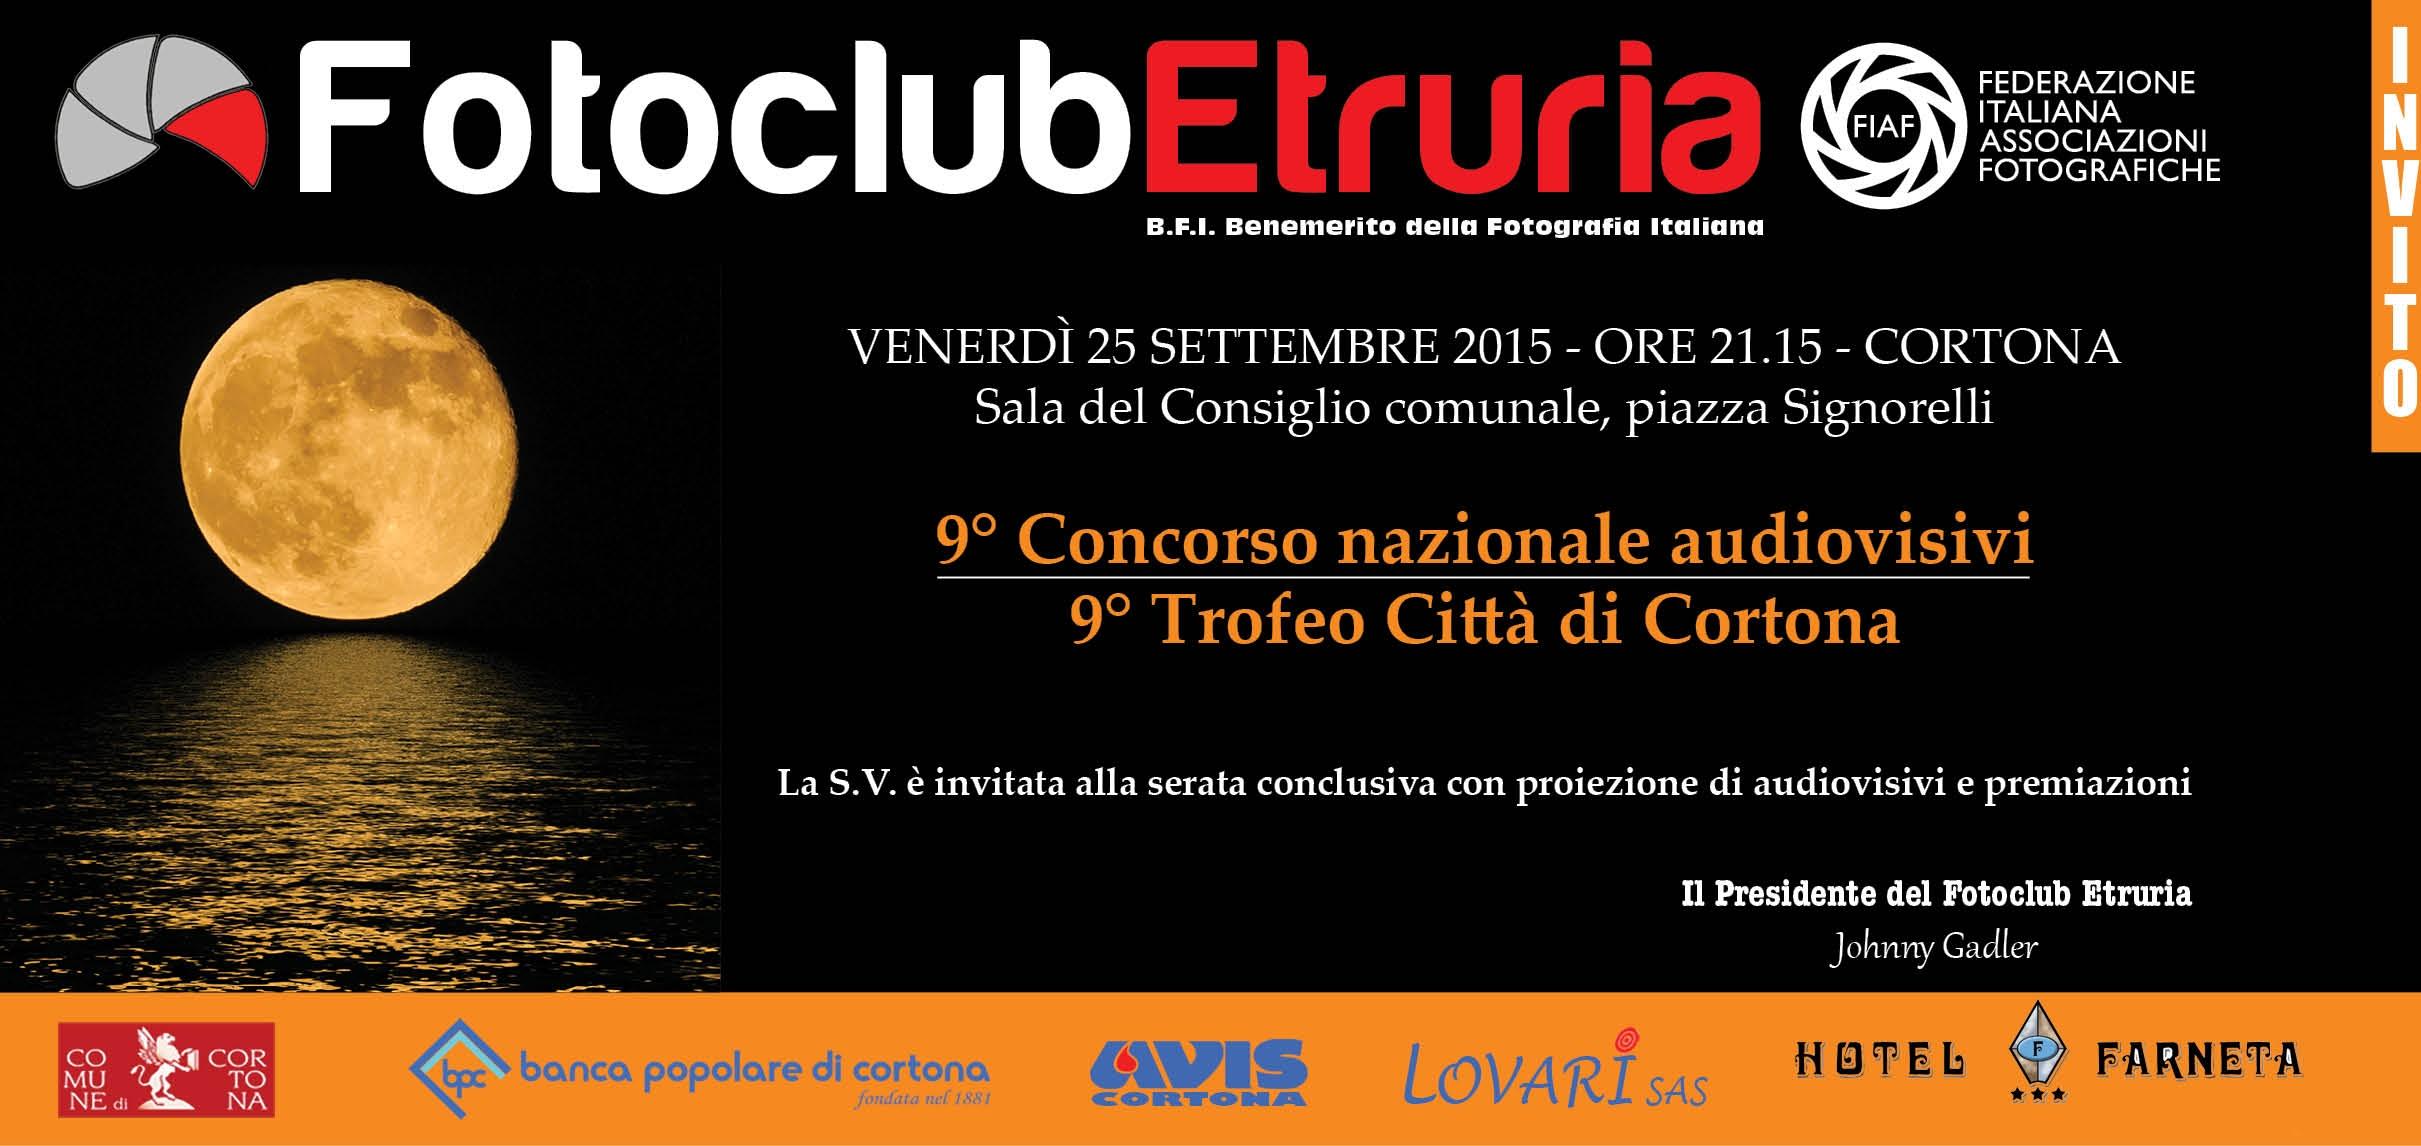 Concorso Nazionale Audiovisivi digitali del Fotoclub Etruria: venerdì la premiazione